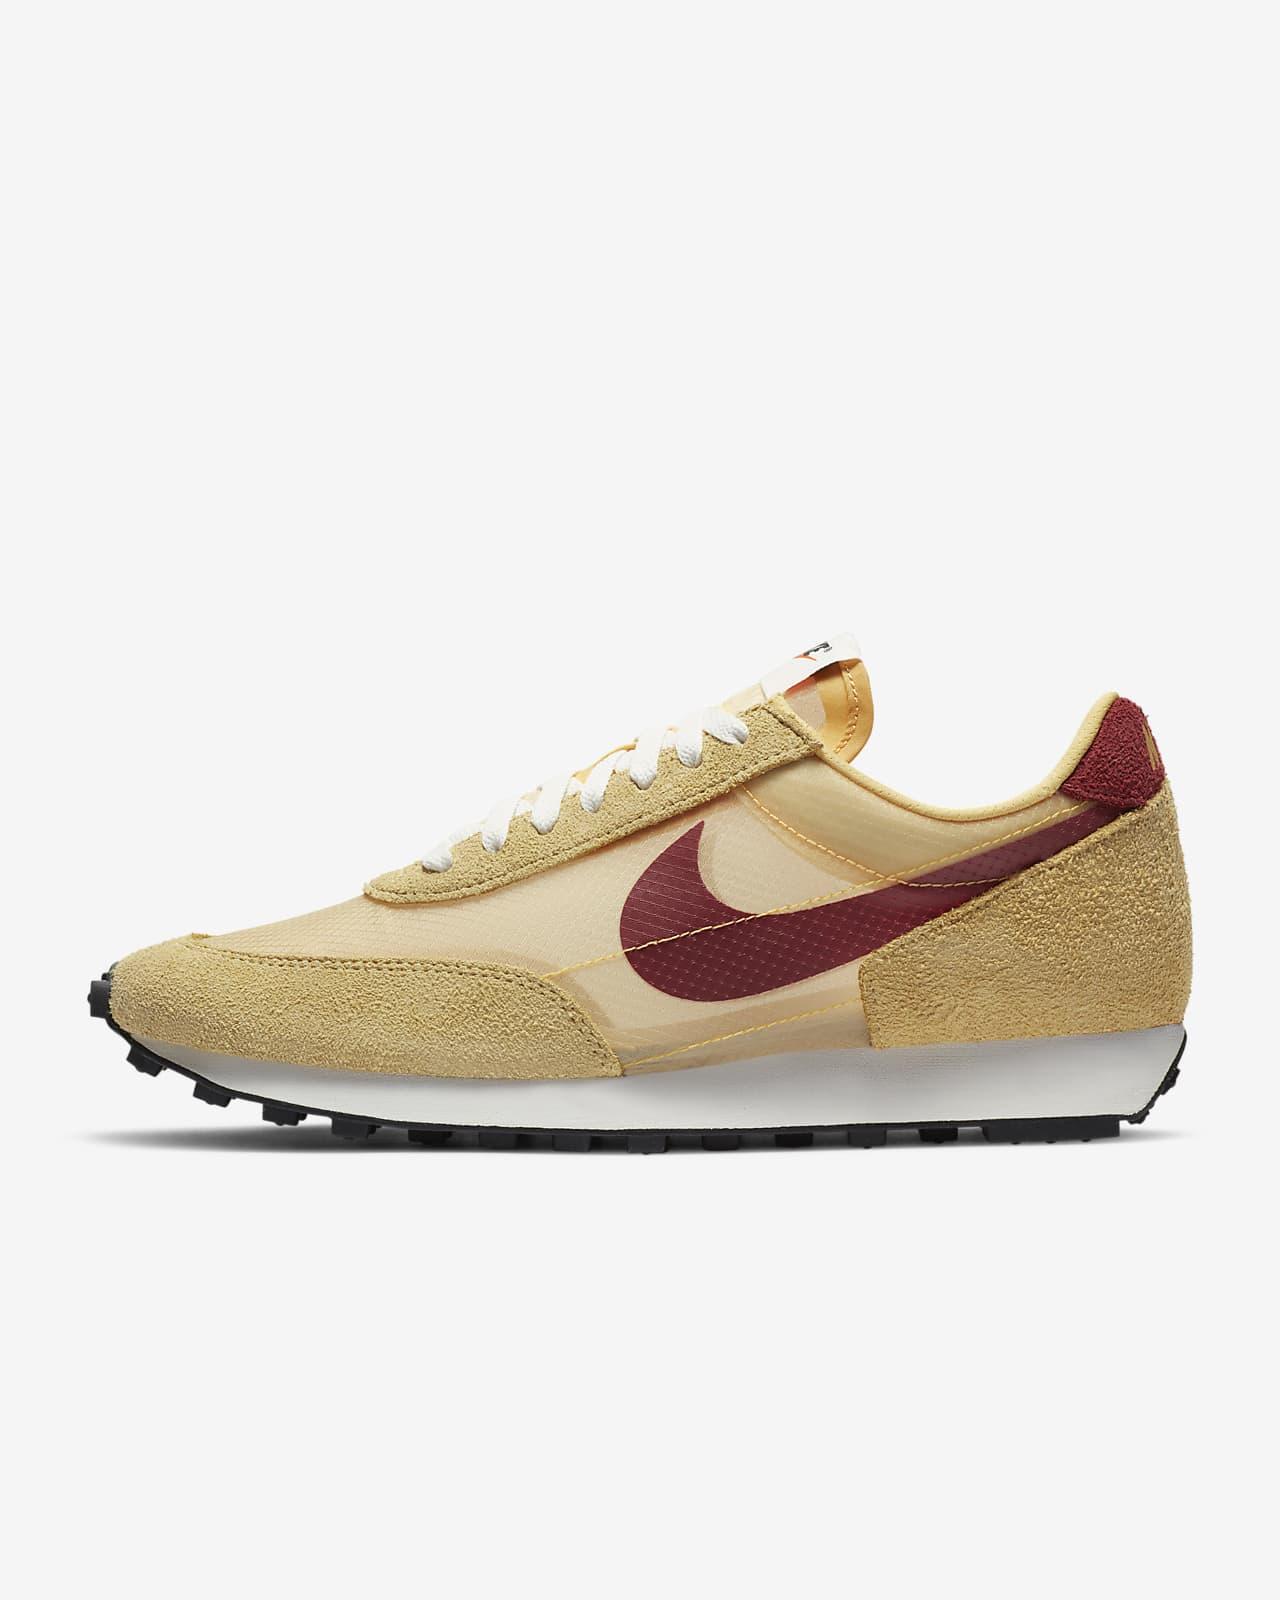 Nike DBreak SP Men's Shoes